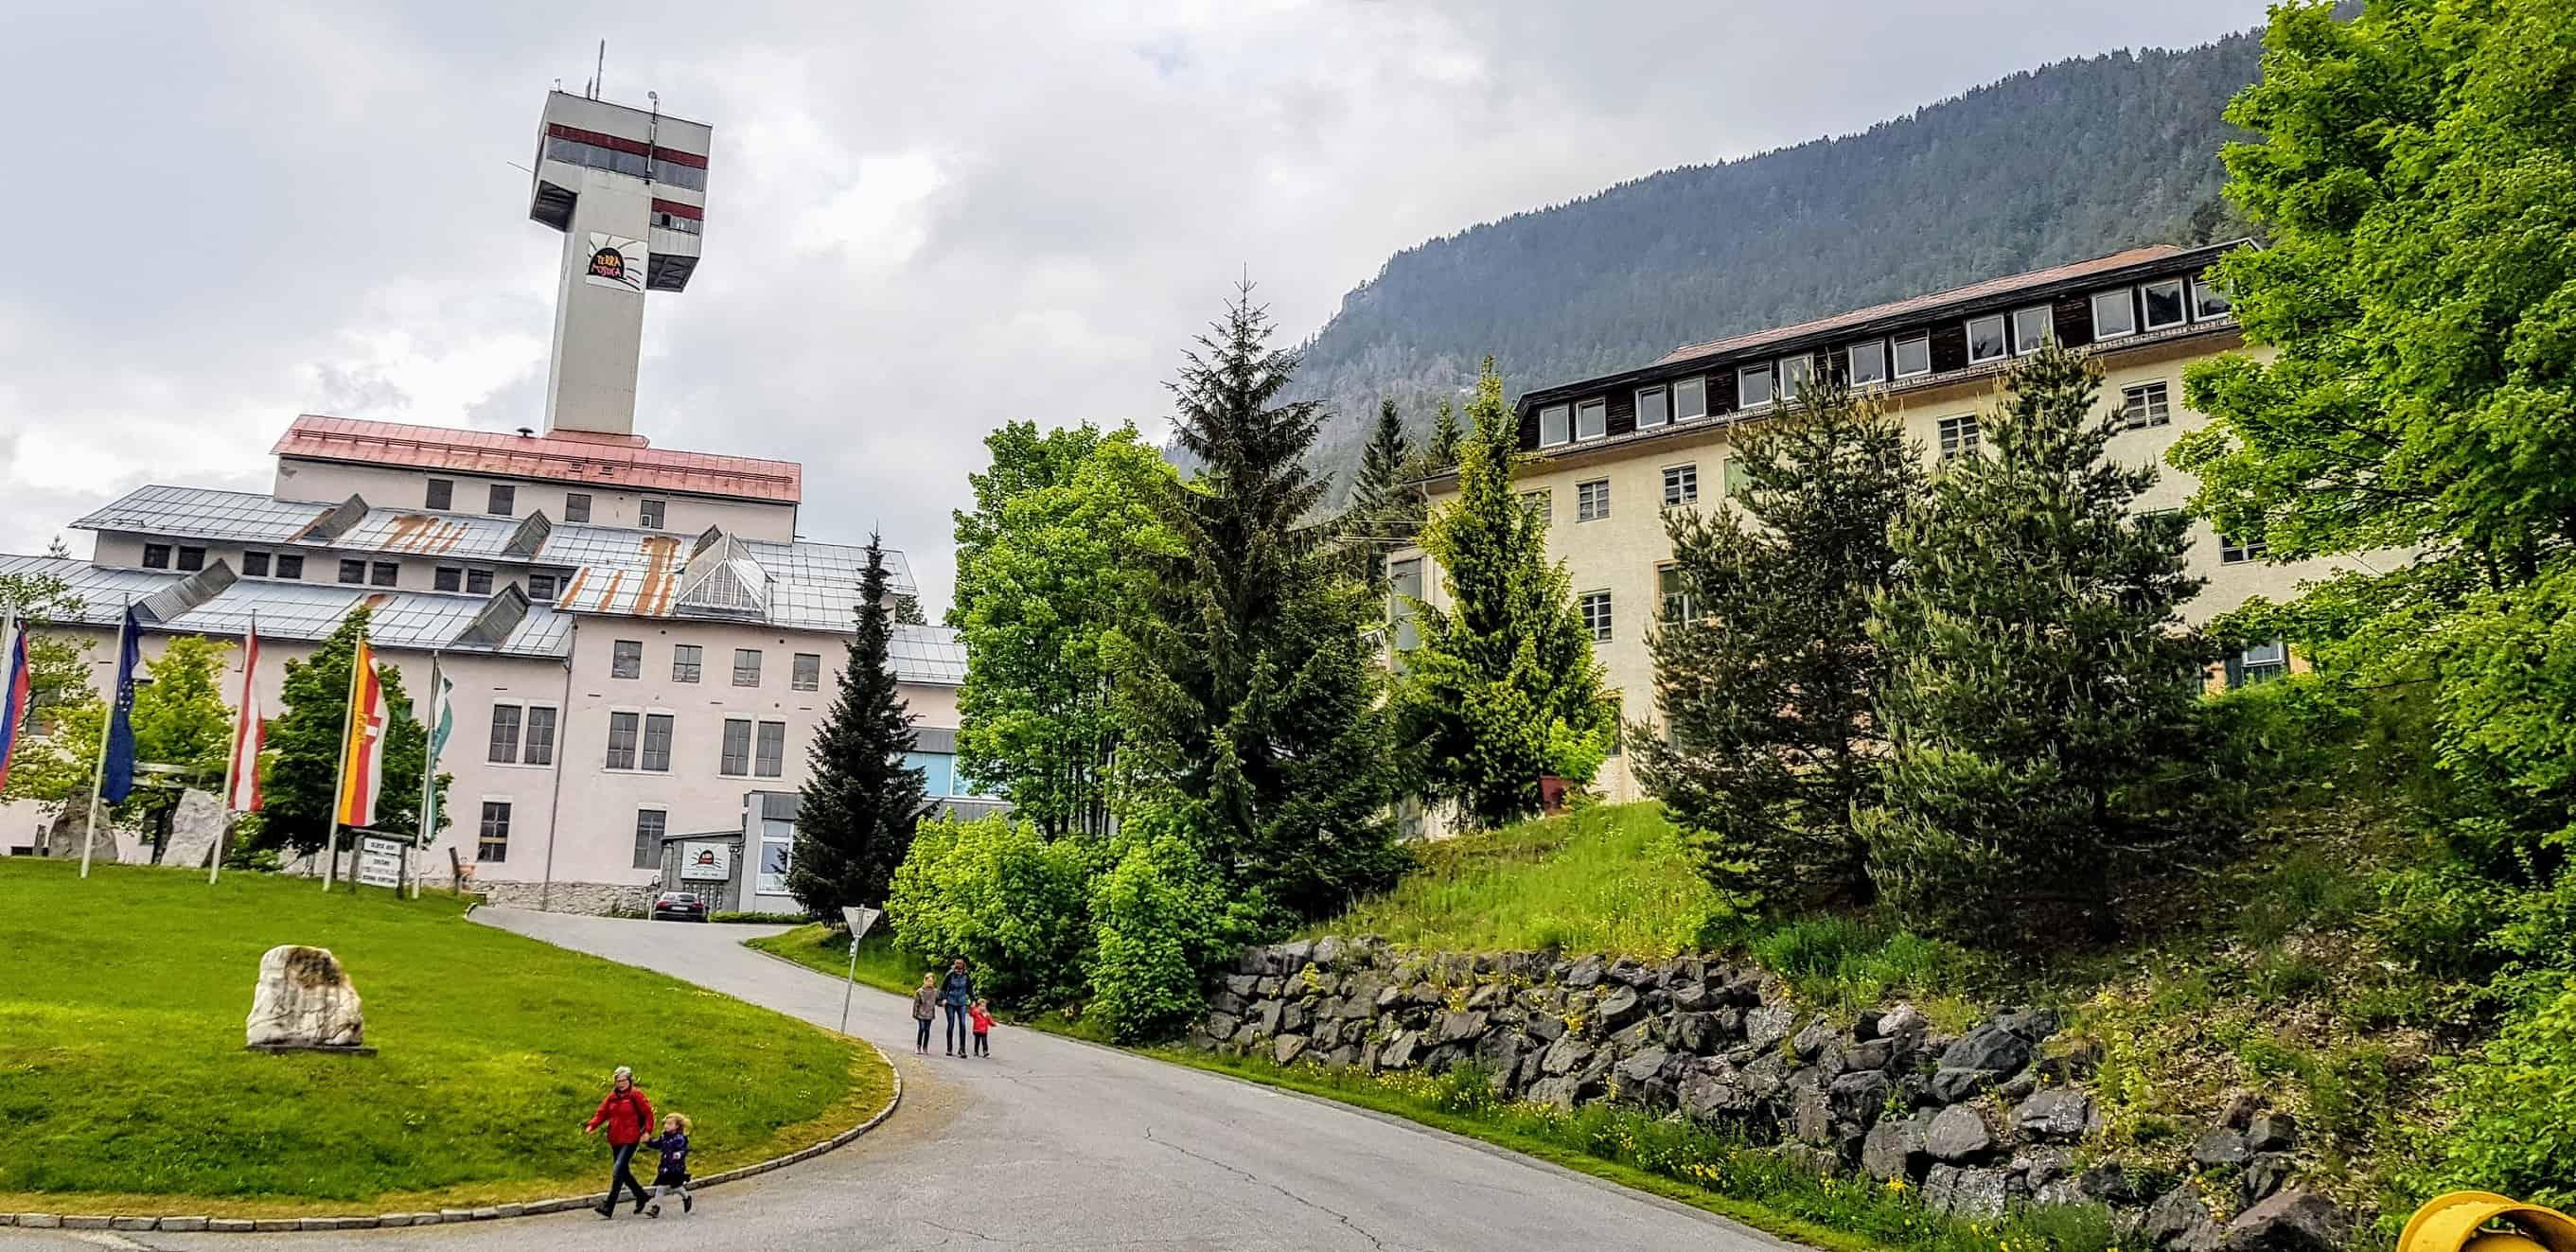 Ein schöner Ausflug mit Kindern zur Terra Mystica in Bad Bleiberg bei Villach. Das Bergwerk von außen.